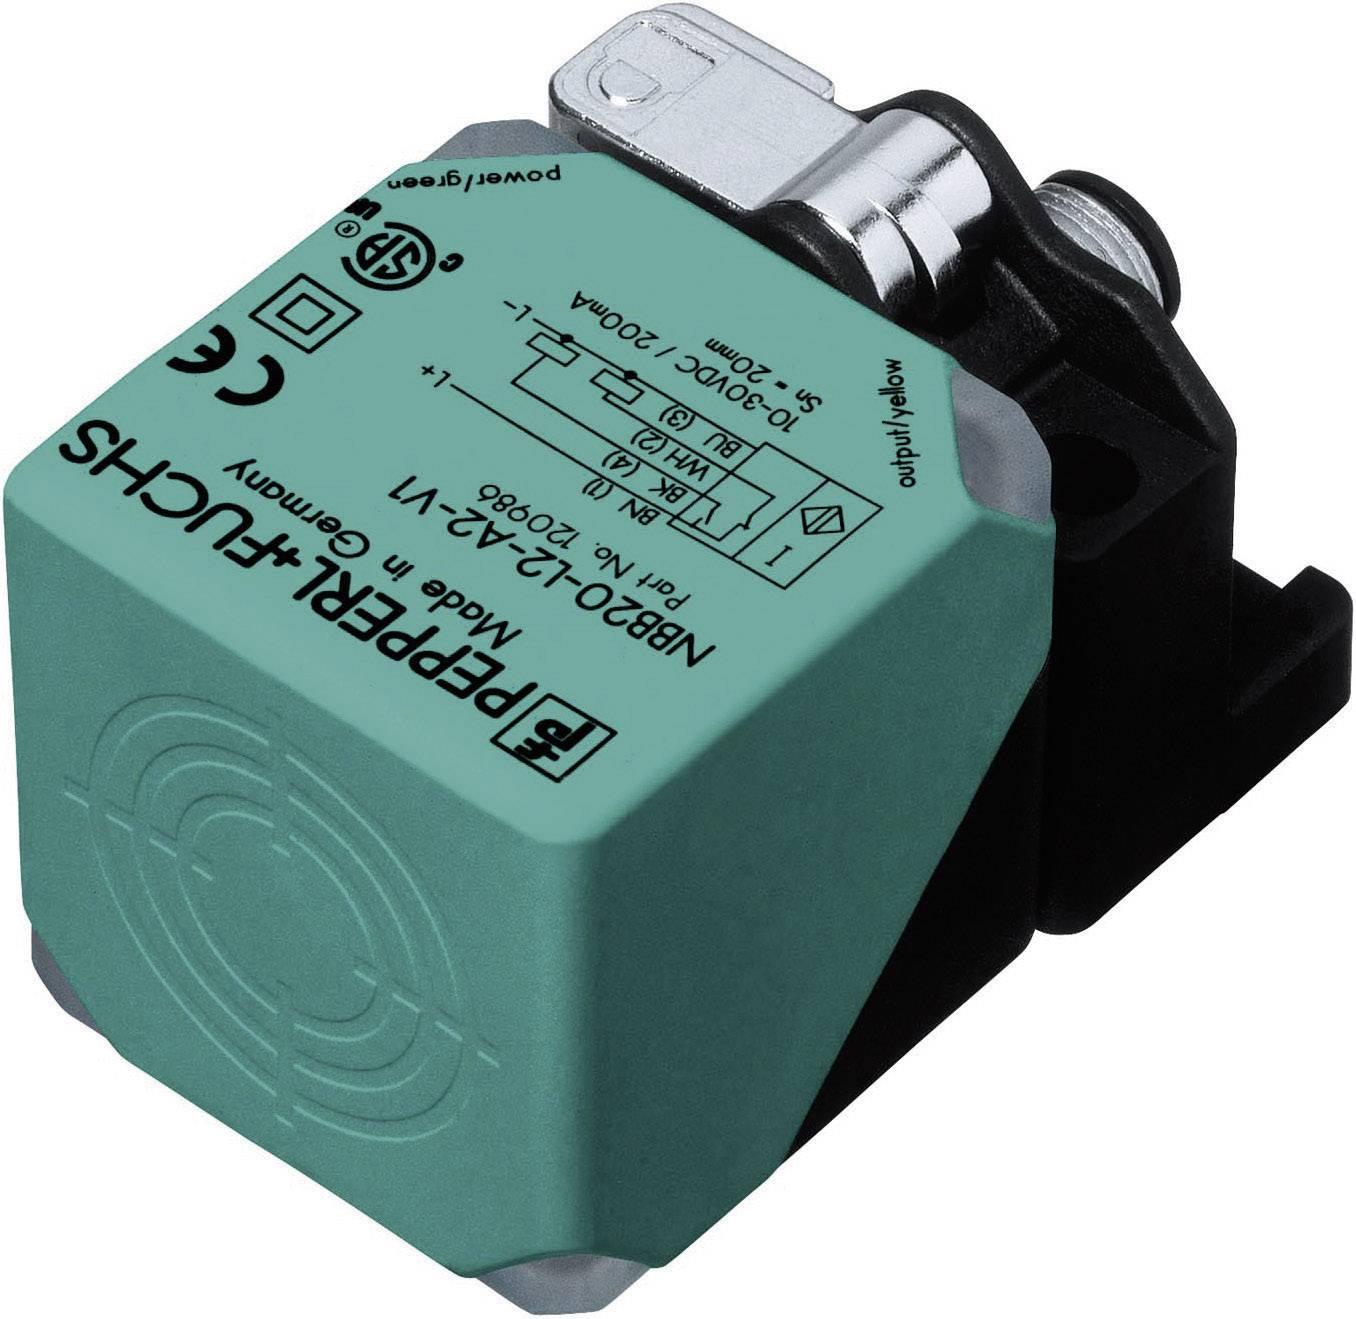 Indukčný senzor priblíženia Pepperl & Fuchs NBB20-L2-A2-V1, 40 x 40 mm, spínacia vzdialenosť (max.) 20 mm